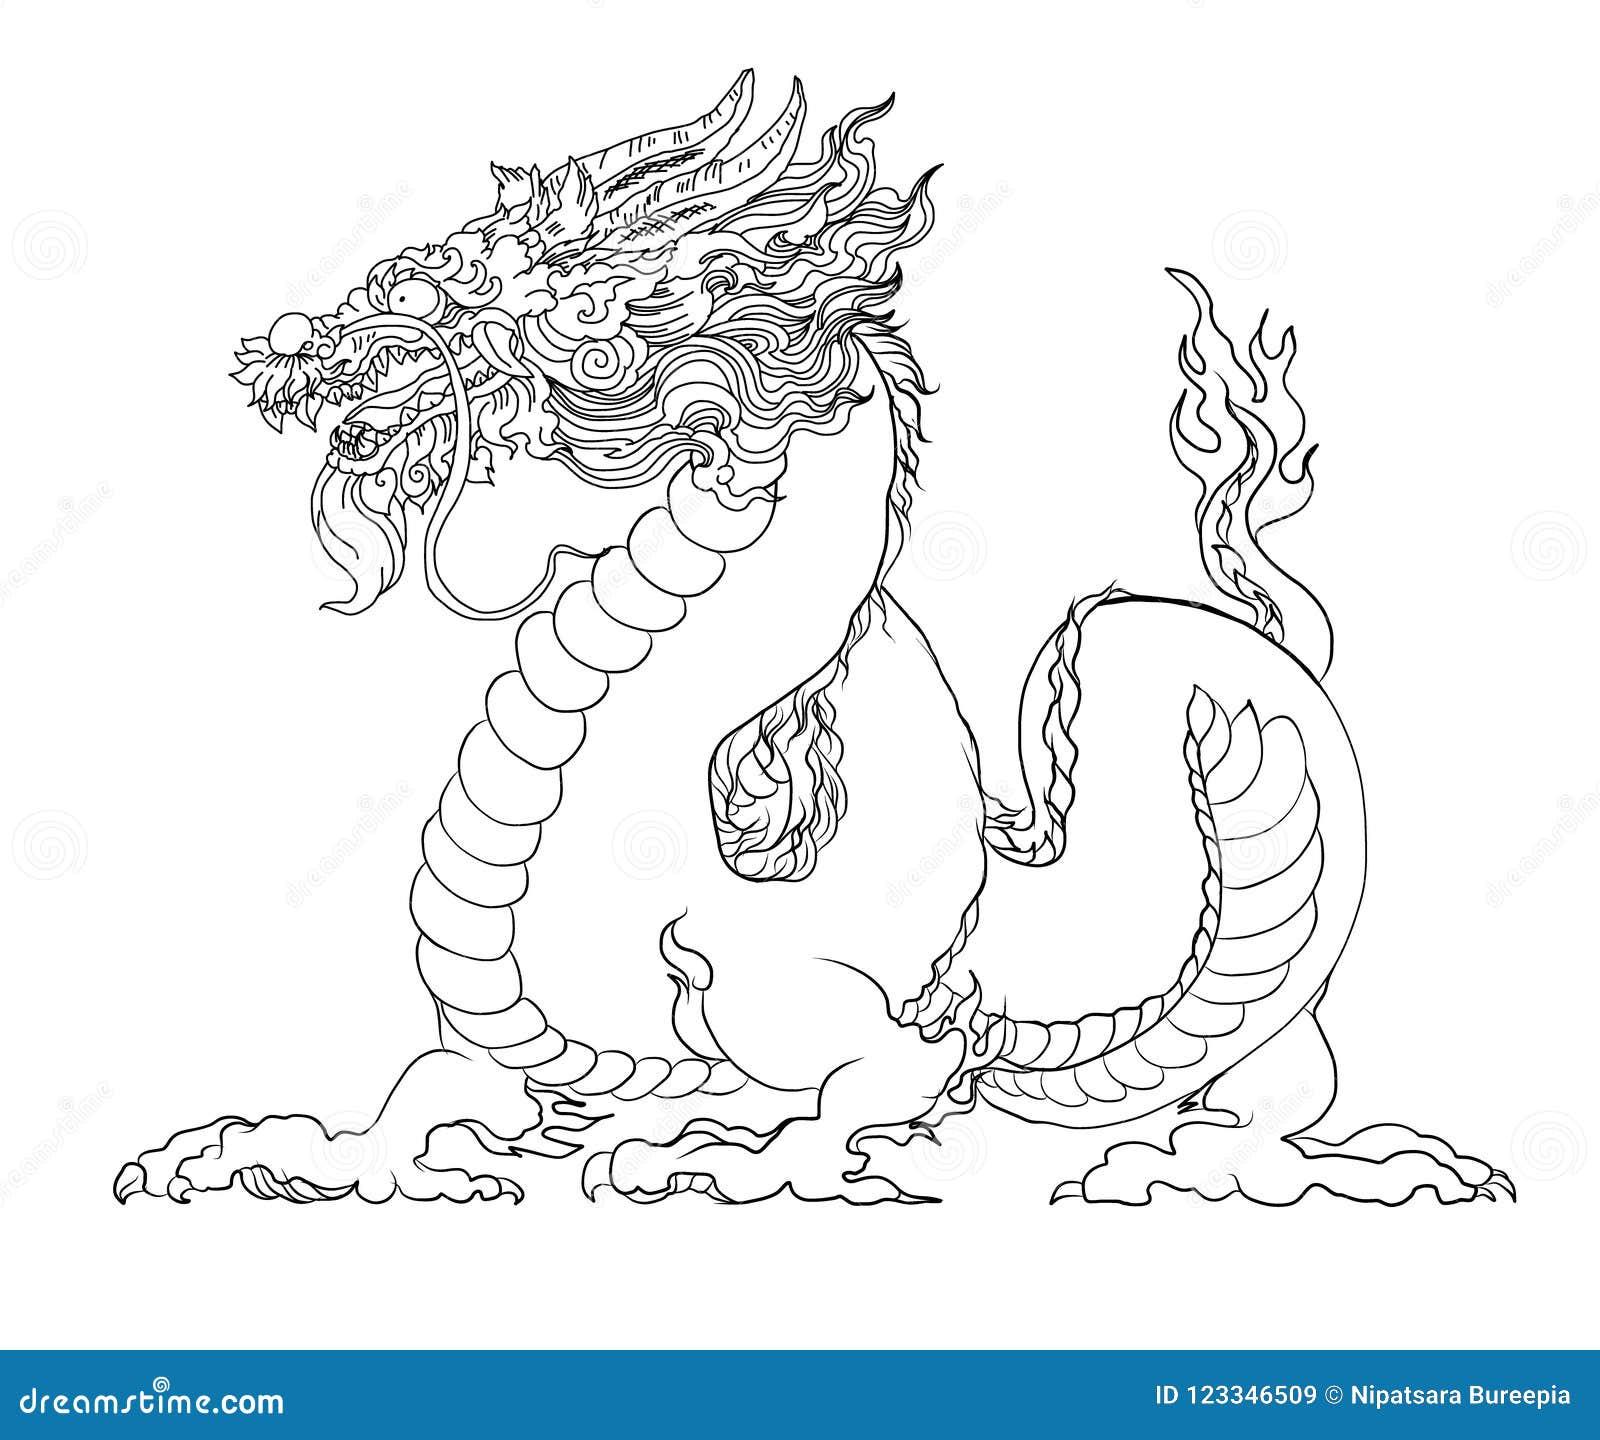 Coloriage Magique Japon.Le Dragon Rouge Est Les Creatures Magiques Connues En